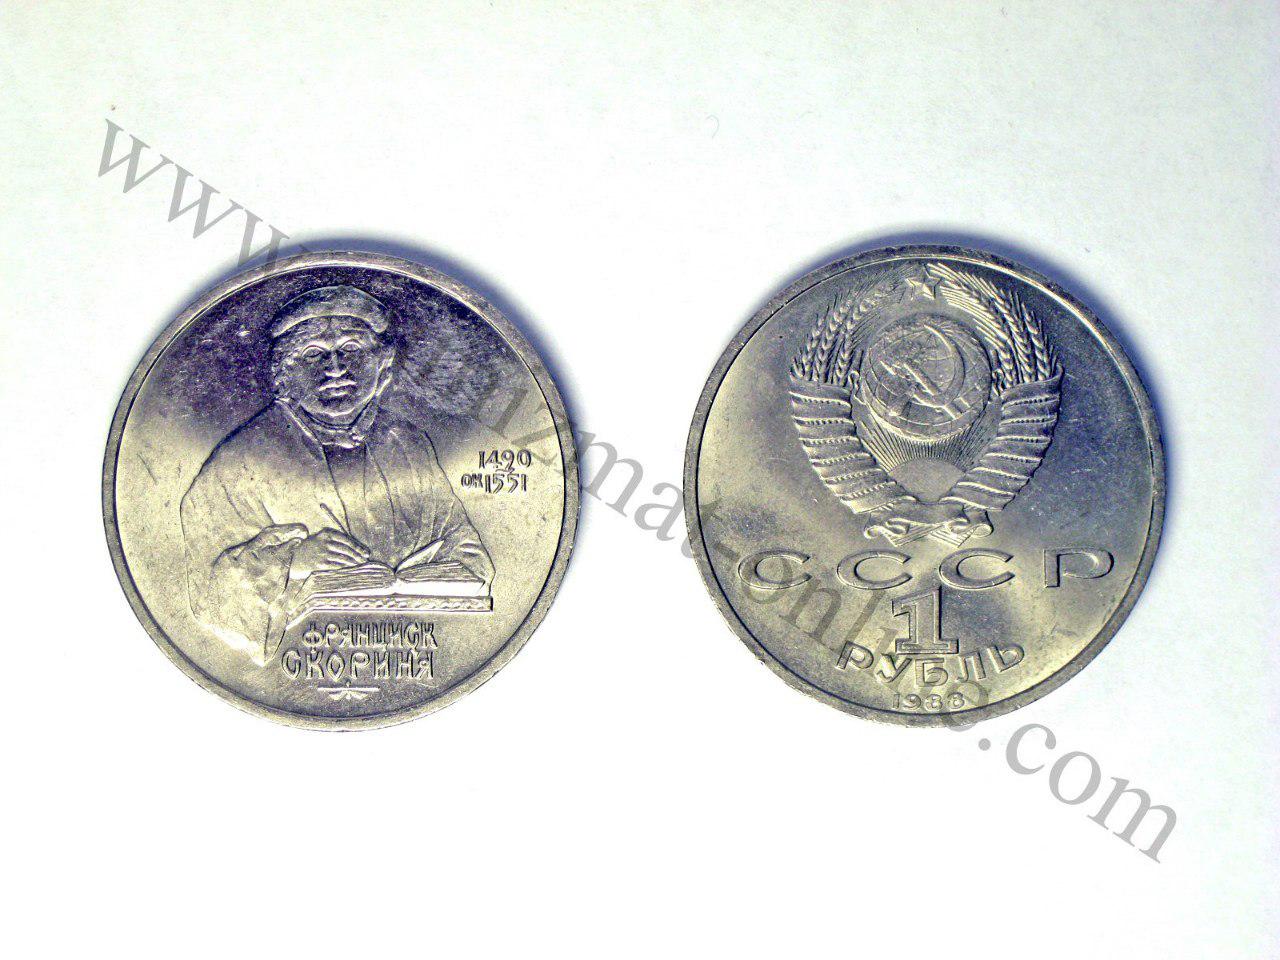 1990 (1 рубль) 500 лет со дня рождения Франциска Скорины